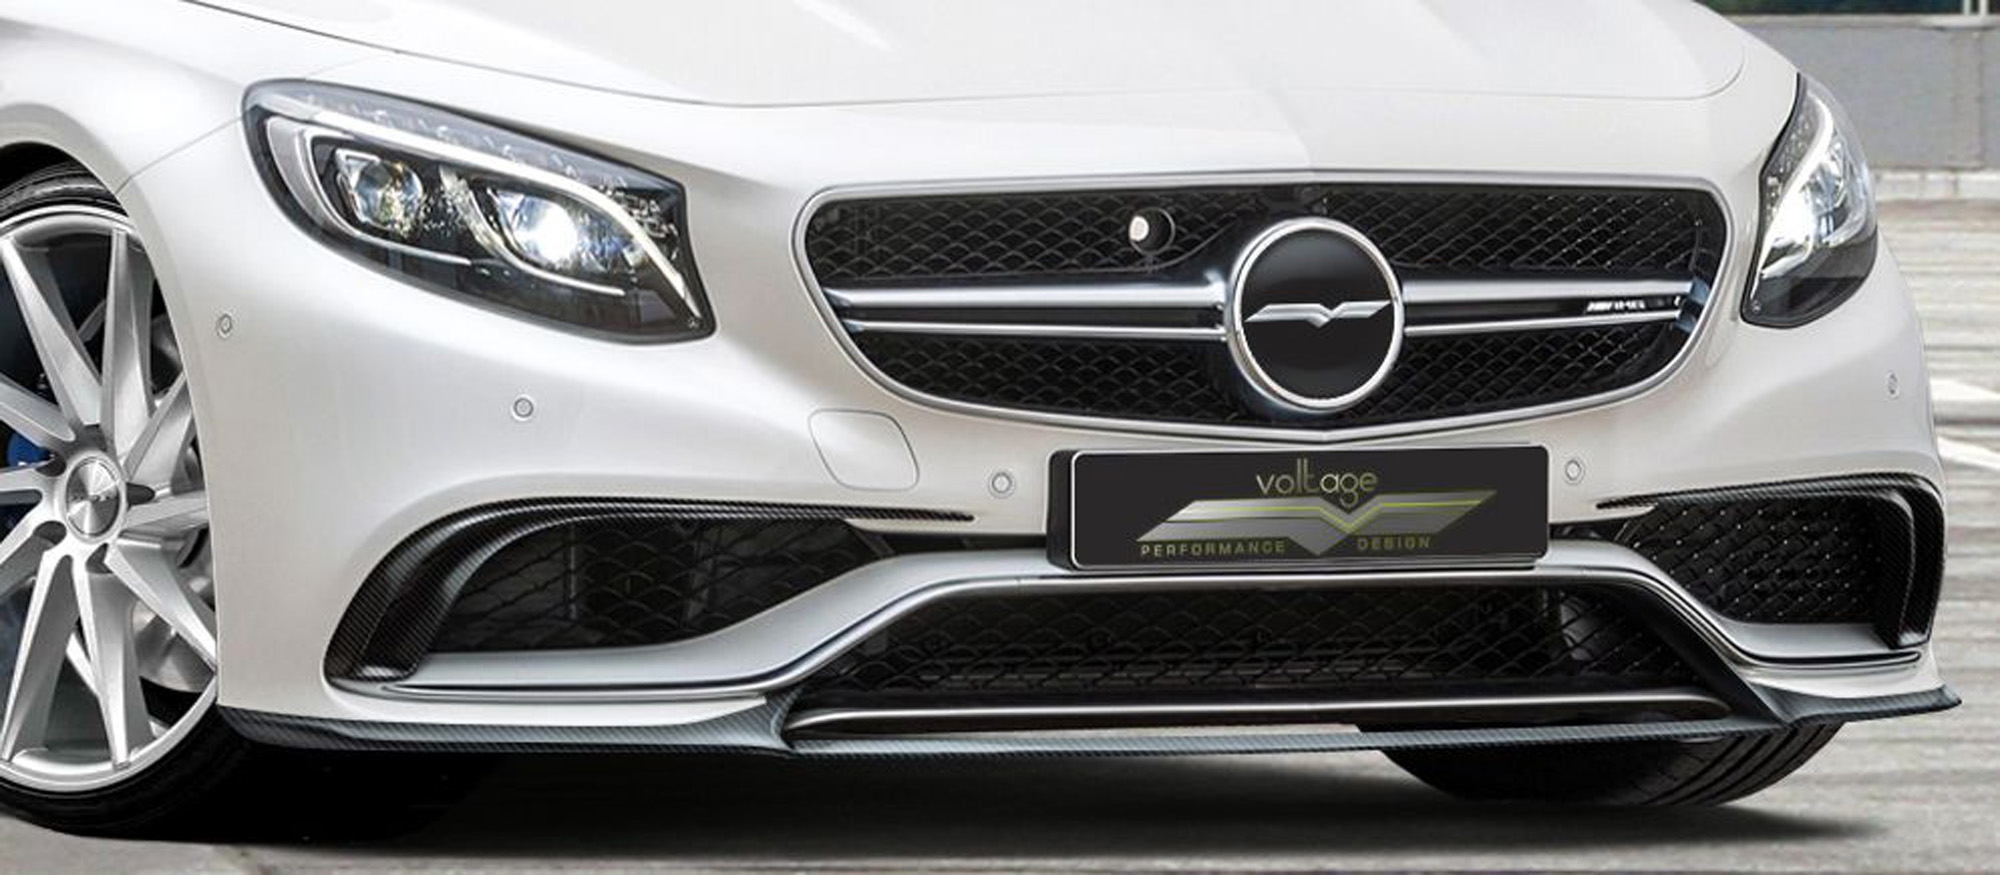 Weg mit dem Stern: Das Mercedes S 63 AMG Coupé trägt das VD-Logo